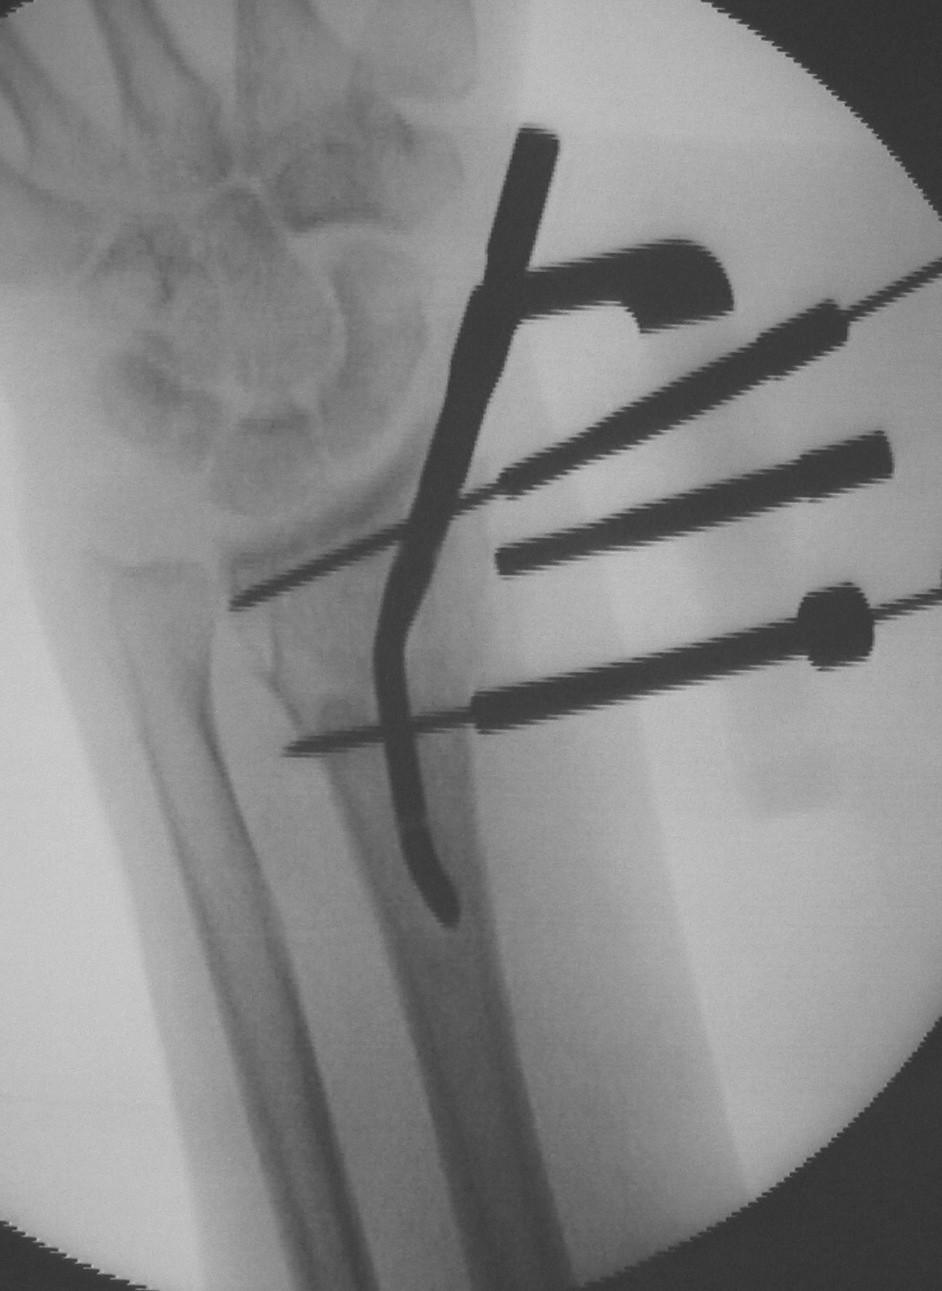 Peroperační RTG ve fázi před zavedením jistících šroubů. Po zavedení hřebu již není možná korekce postavení ve zlomenině Fig. 3. Intraoperative X-ray prior to introduction of stabilization screws. Once the nail is introduced, no correction of its positioning in the fractured bone is possible